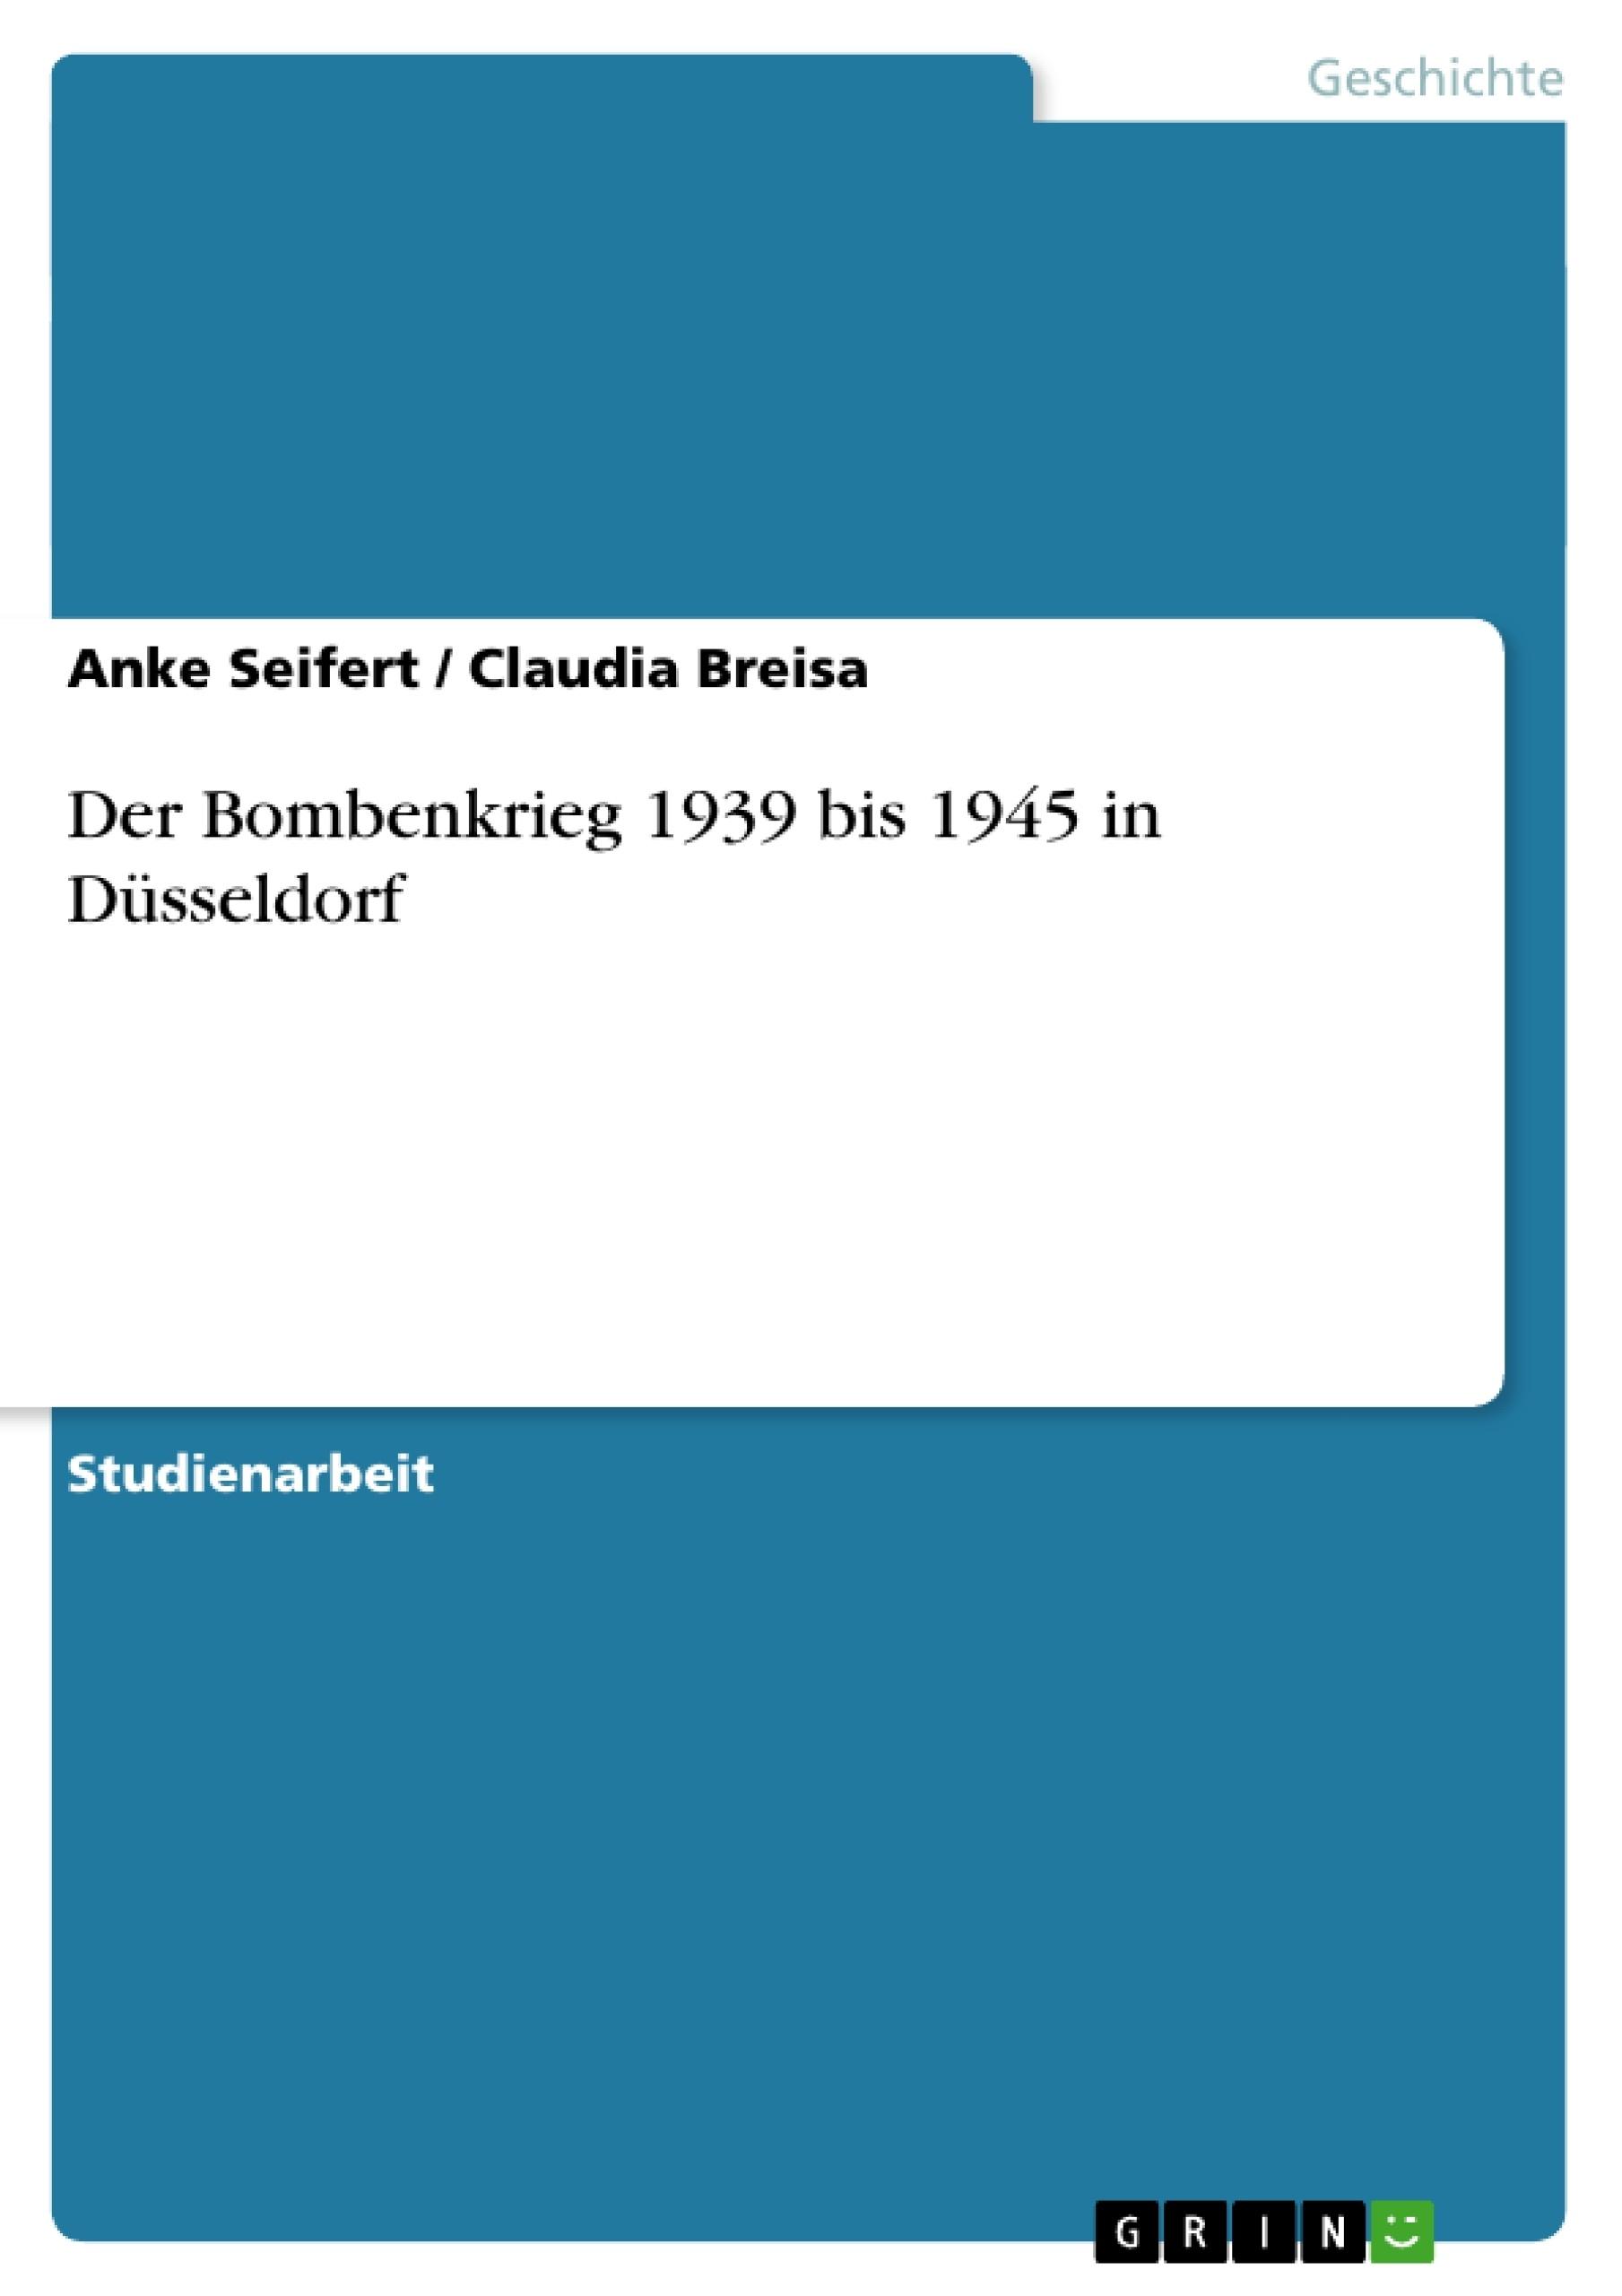 Titel: Der Bombenkrieg 1939 bis 1945 in Düsseldorf